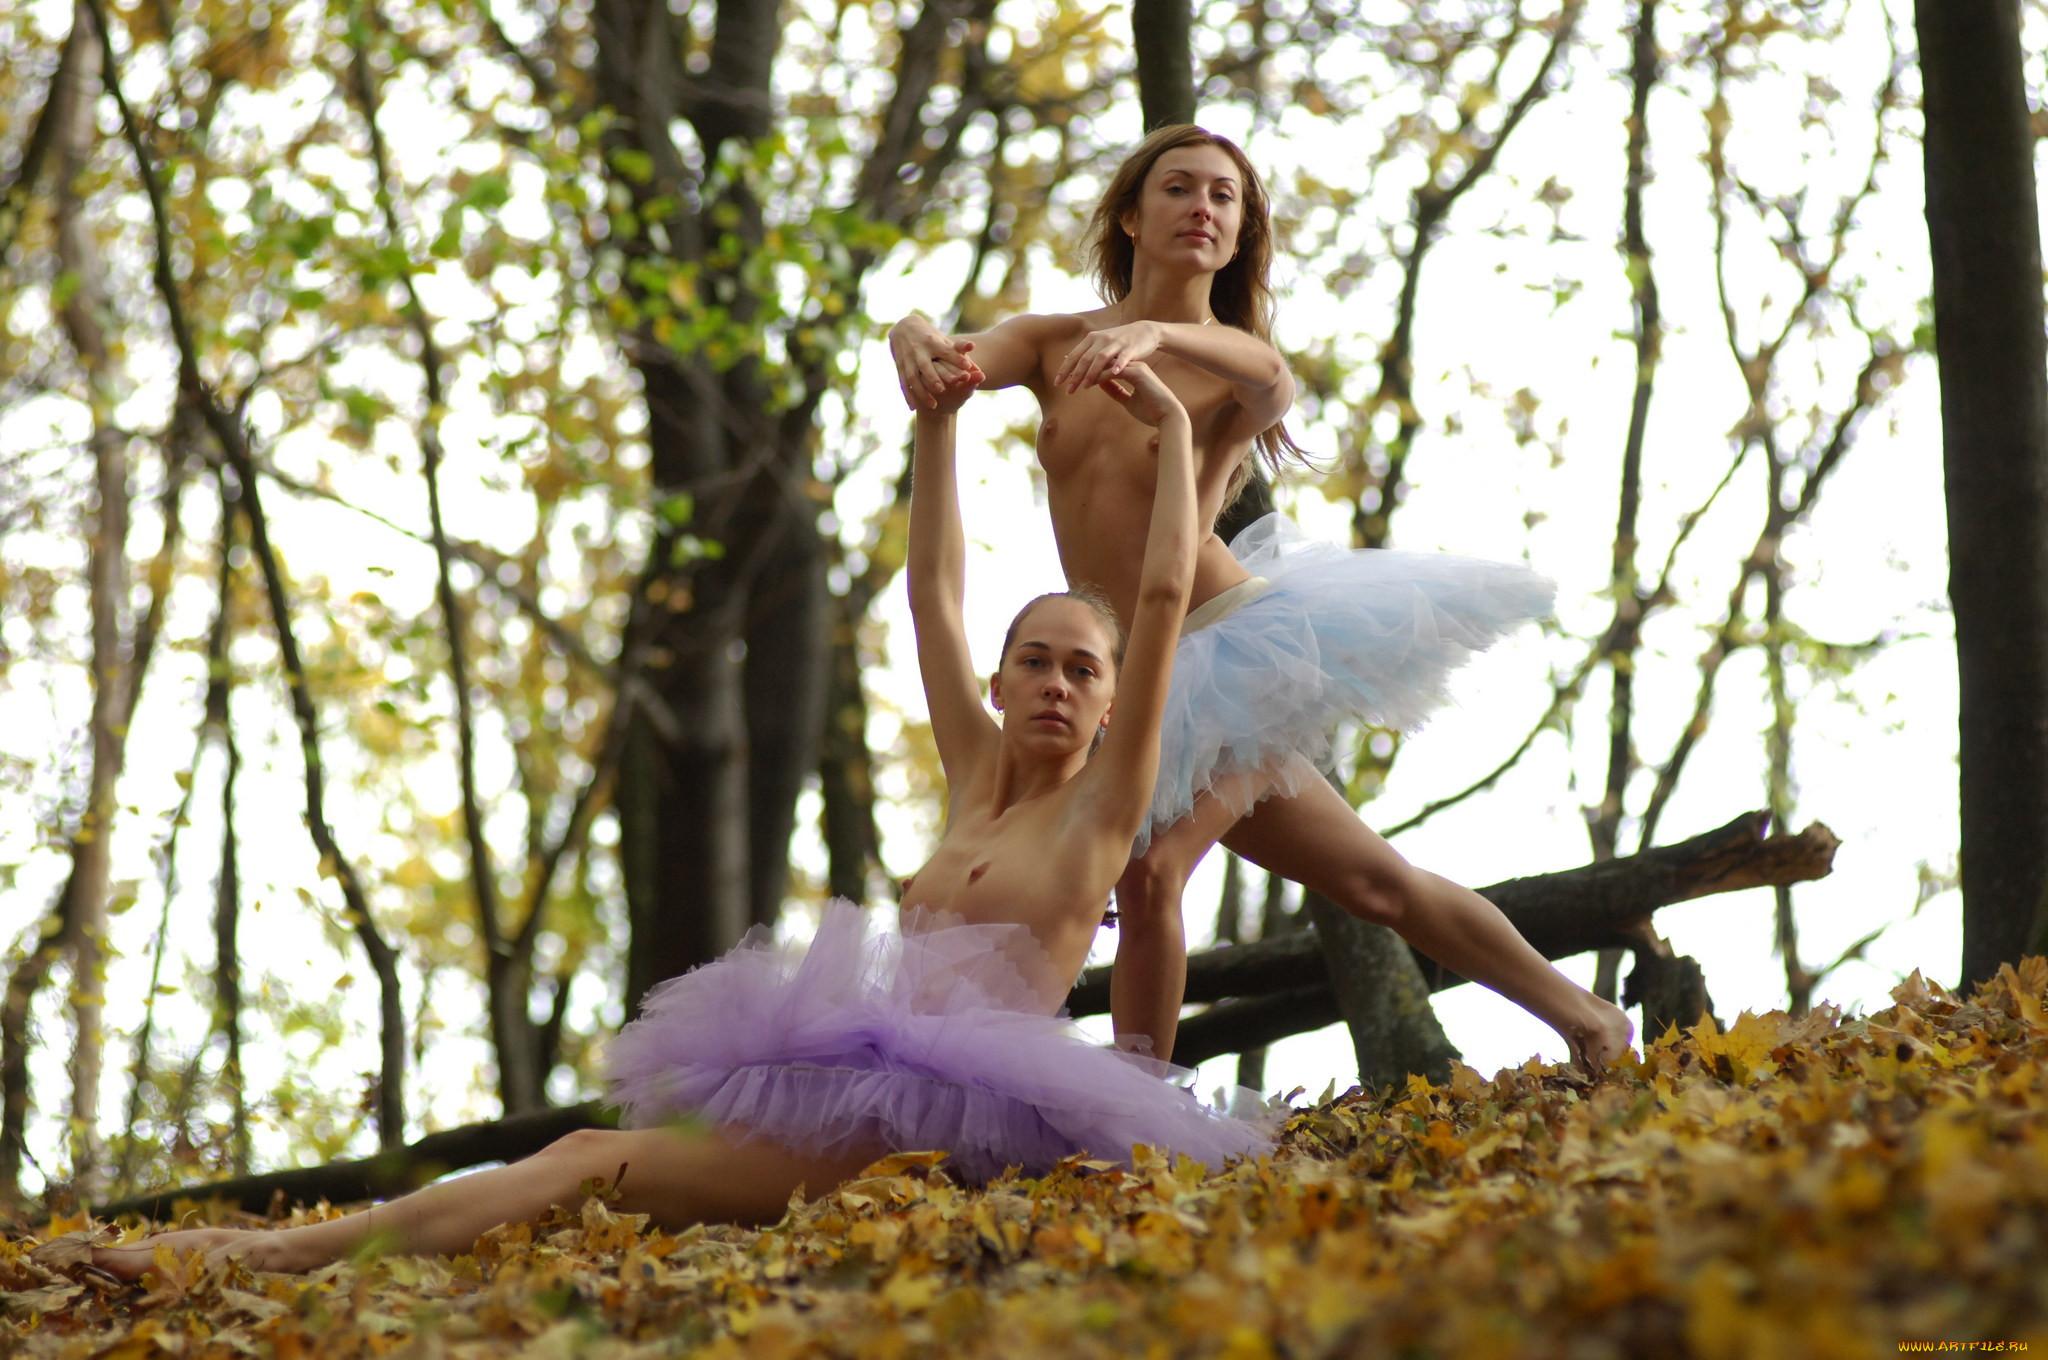 Обнажённые балерины (49 фото). Также смотрите разделы сайта порно